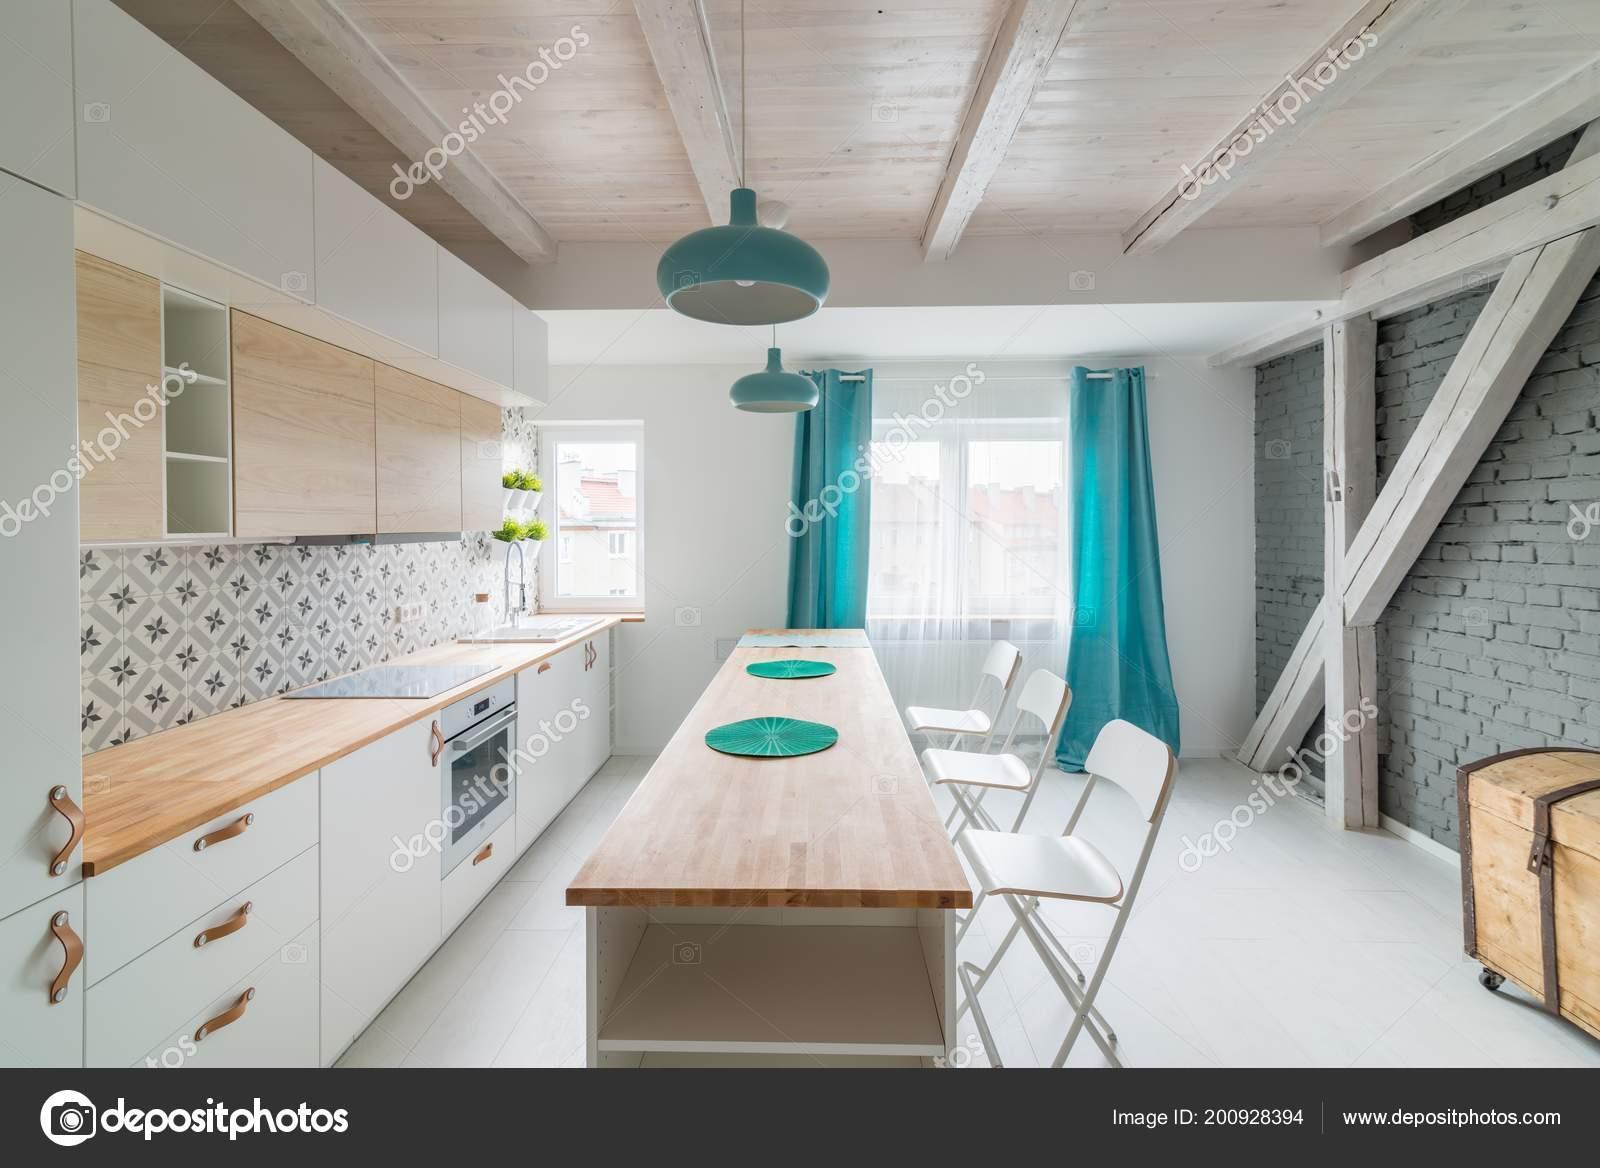 rolling island kitchen sink and cabinet combo 现代白色厨房柜与感应滚刀打开明亮的厨房与白色家具岛上的厨房绿松石灯和 现代白色厨房柜与感应滚刀打开明亮的厨房与白色家具岛